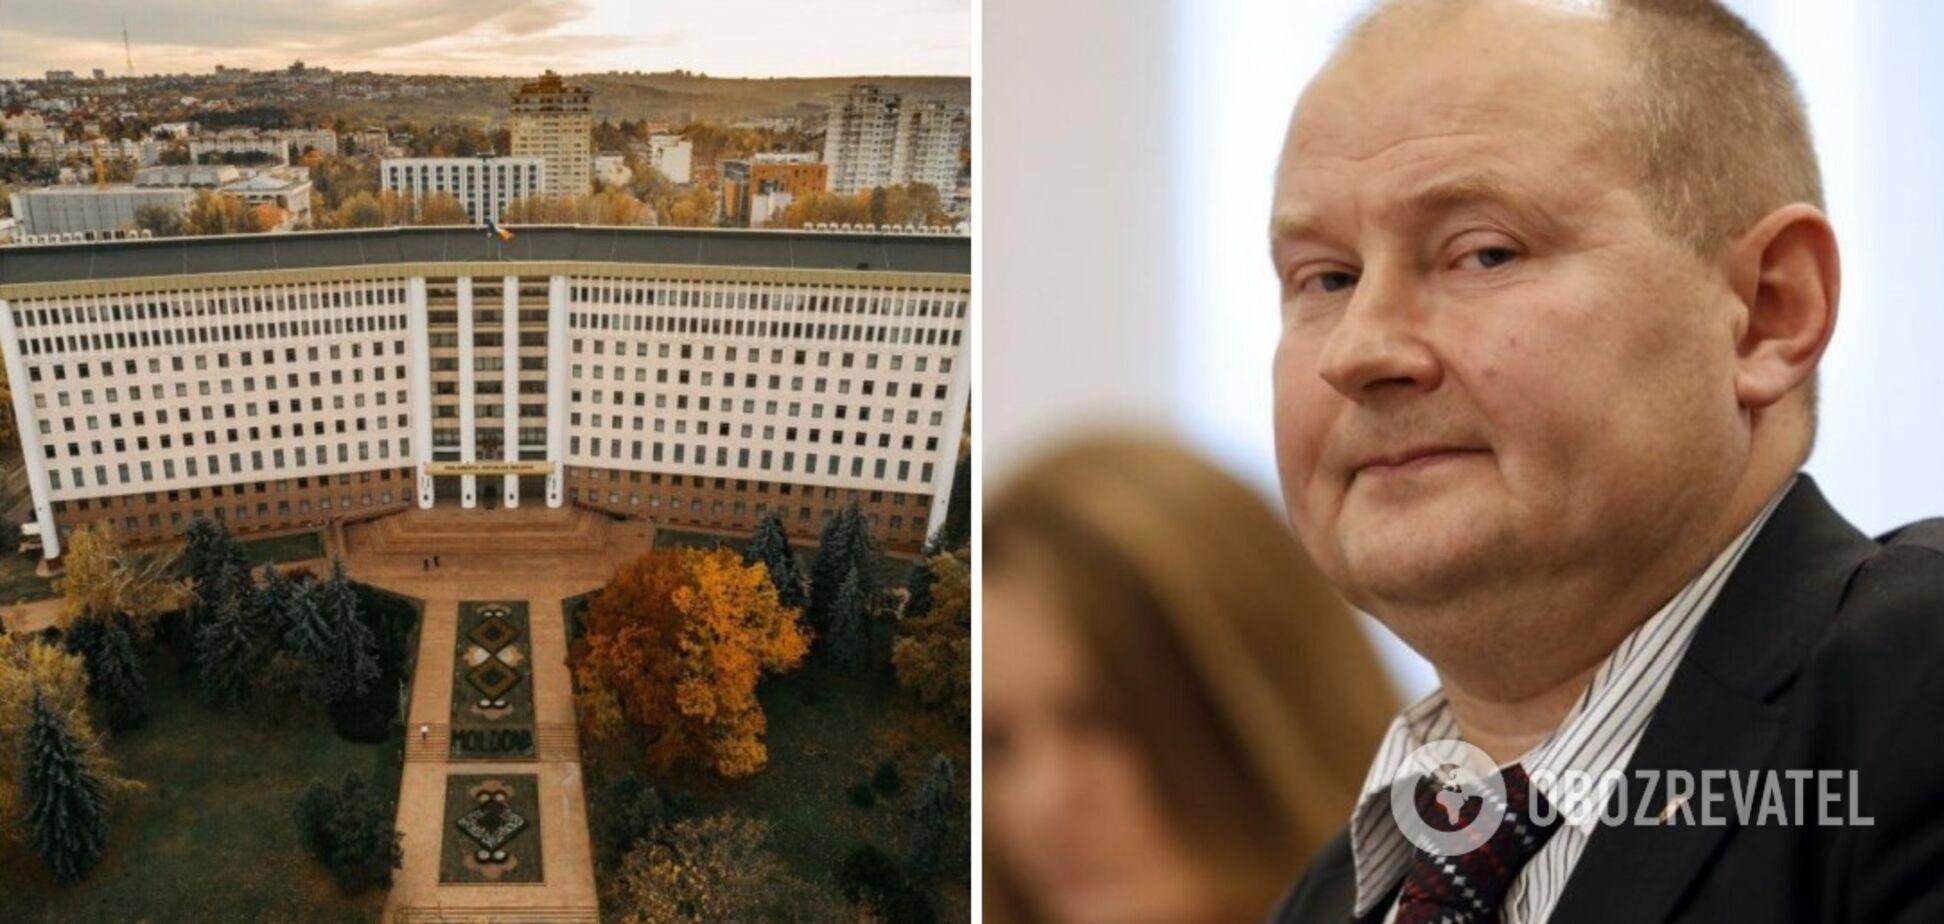 Парламент Молдовы провел слушание по делу о похищении Чауса